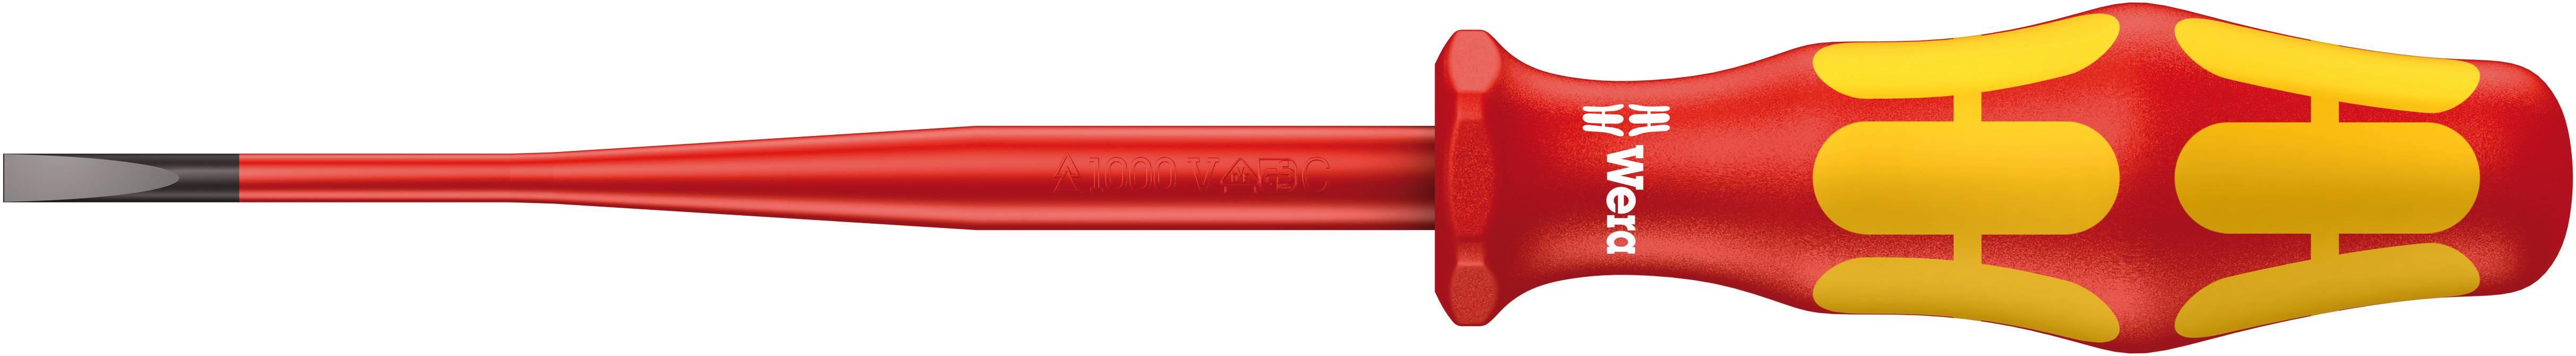 Plochý skrutkovač VDE Wera 160 iS 05006442001, čepeľ 125 mm